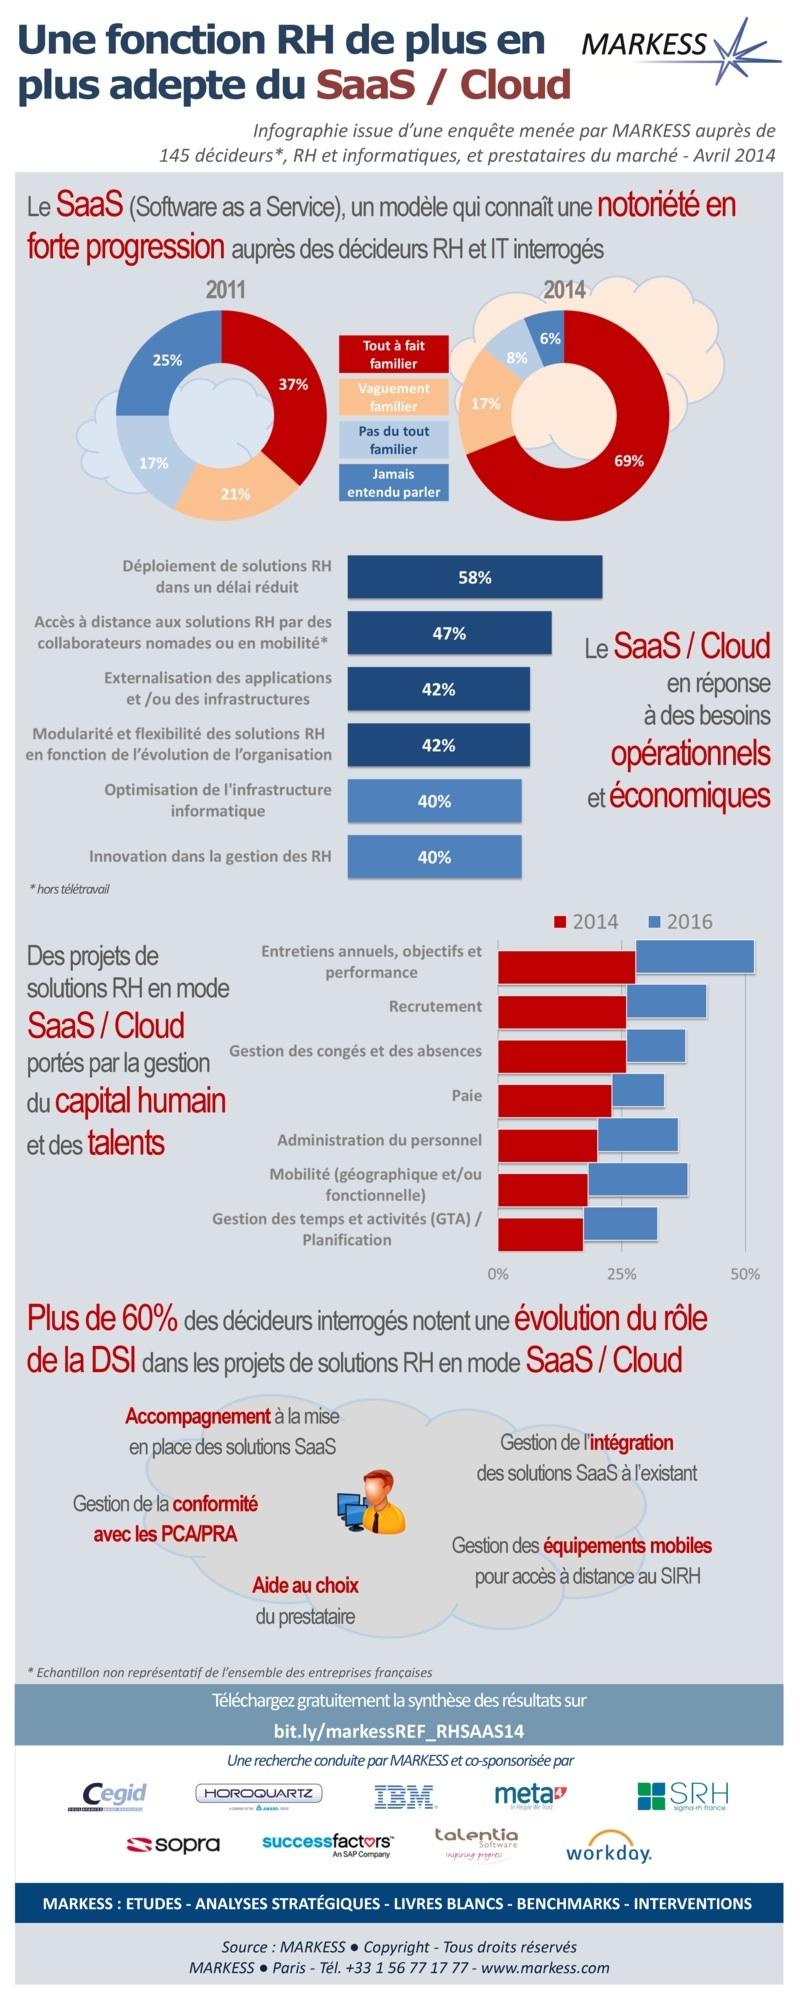 Infographie RH Markess